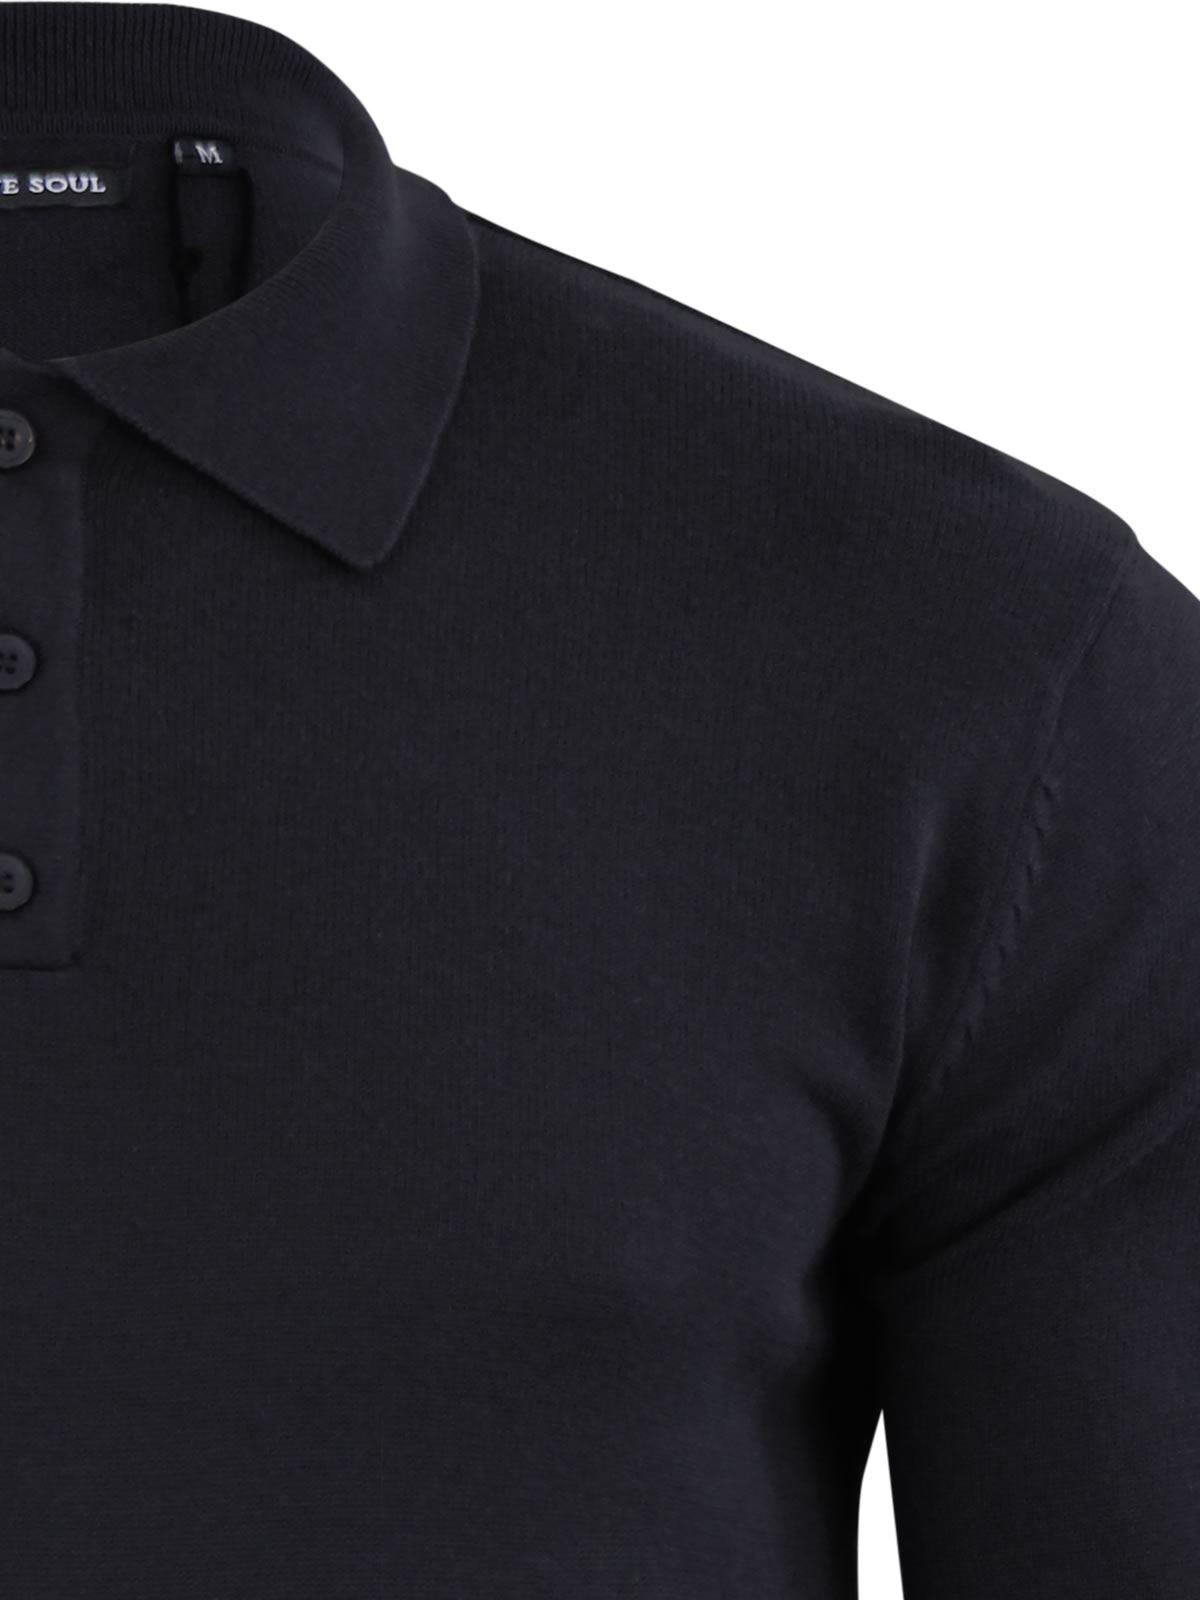 Brave-Soul-Patte-De-Boutonnage-Homme-Tricot-Polo-T-Shirt-a-Col-Pull miniature 16